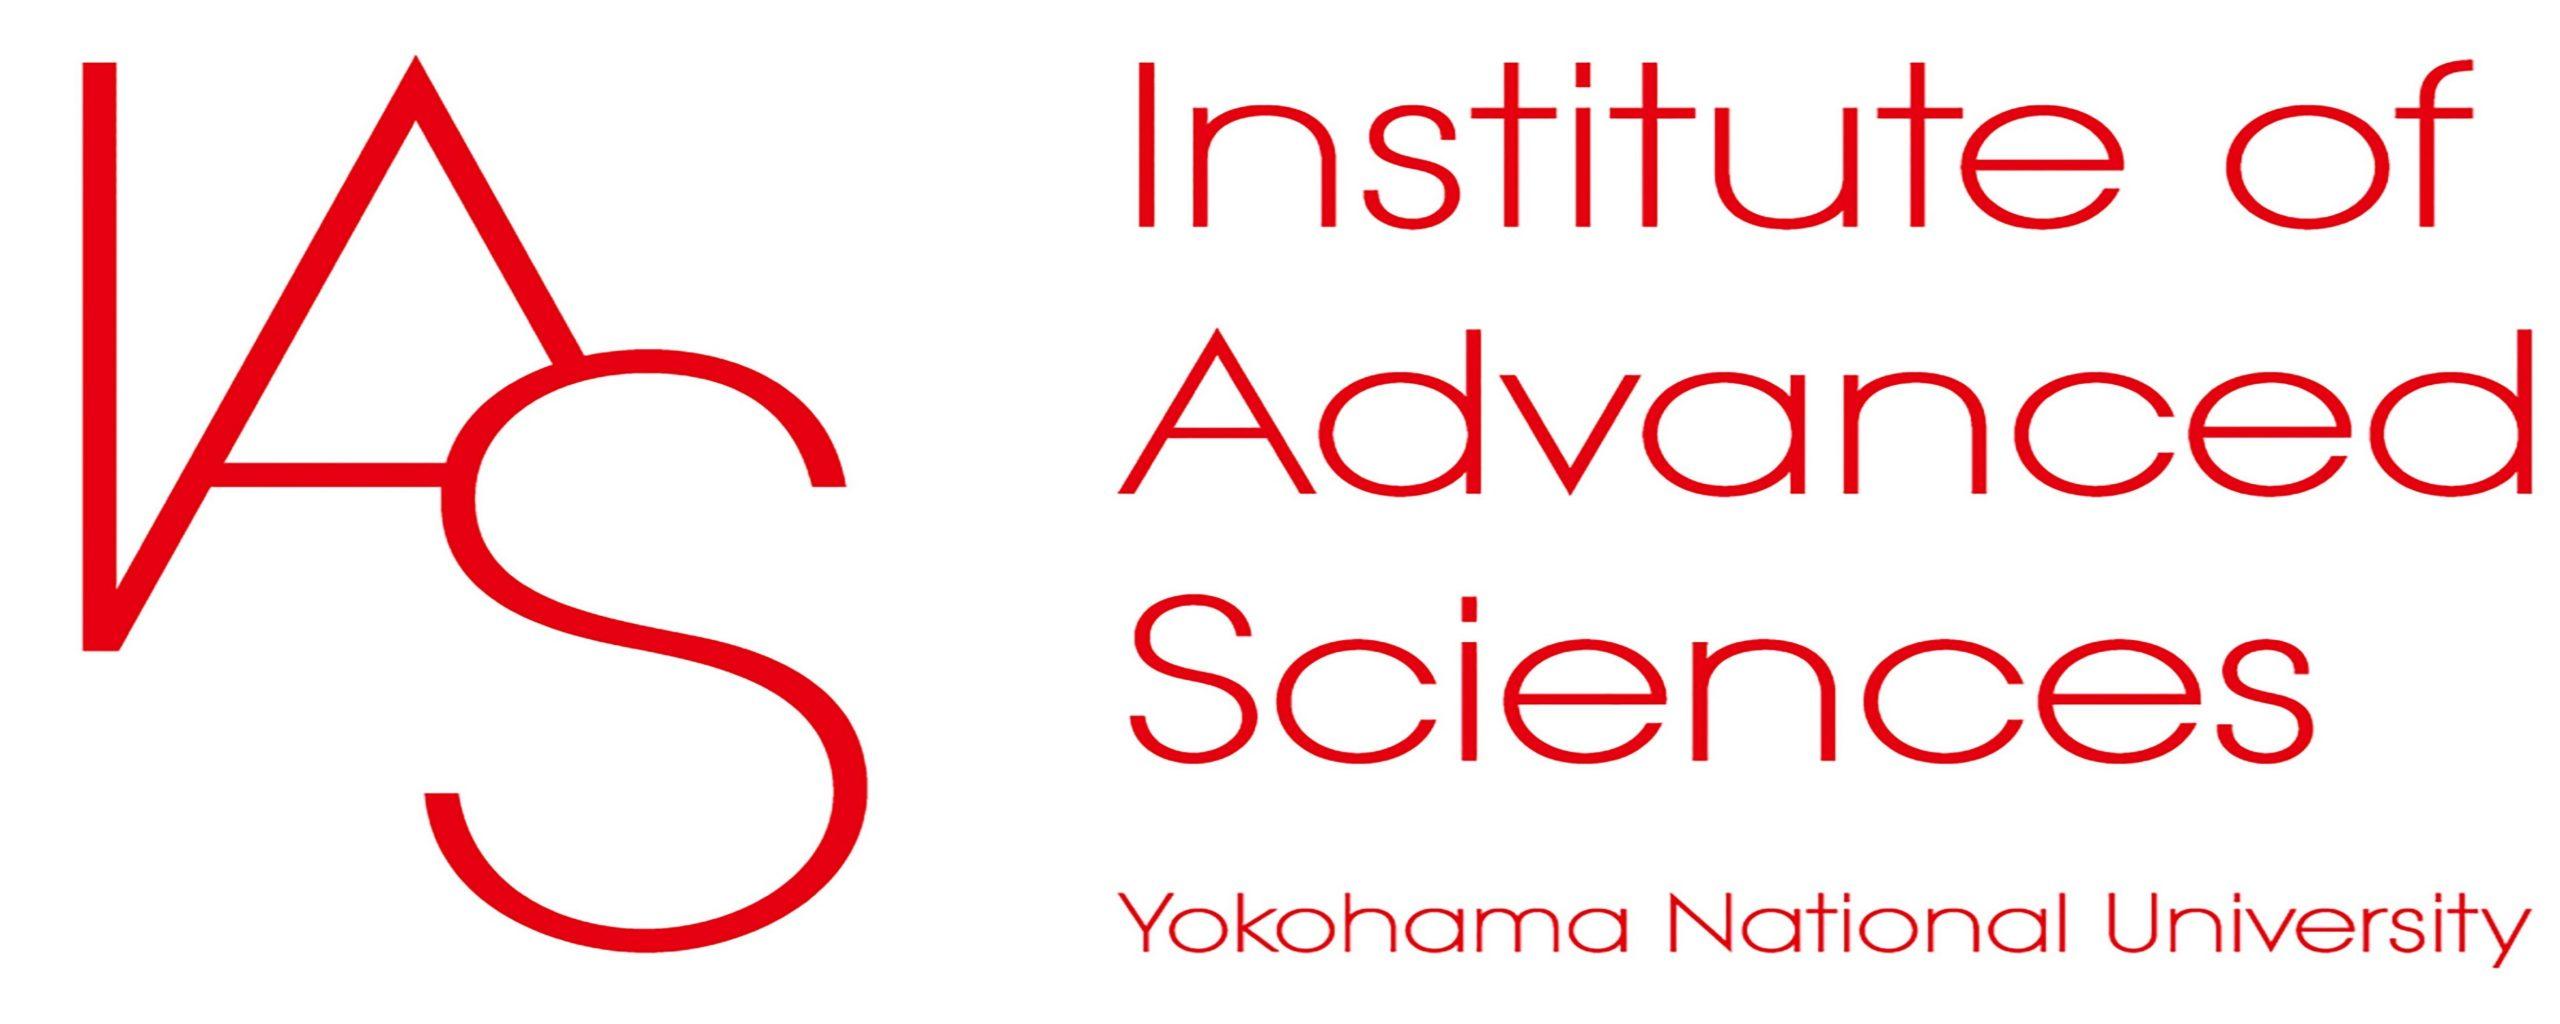 医工連携に関わるYNUの研究者